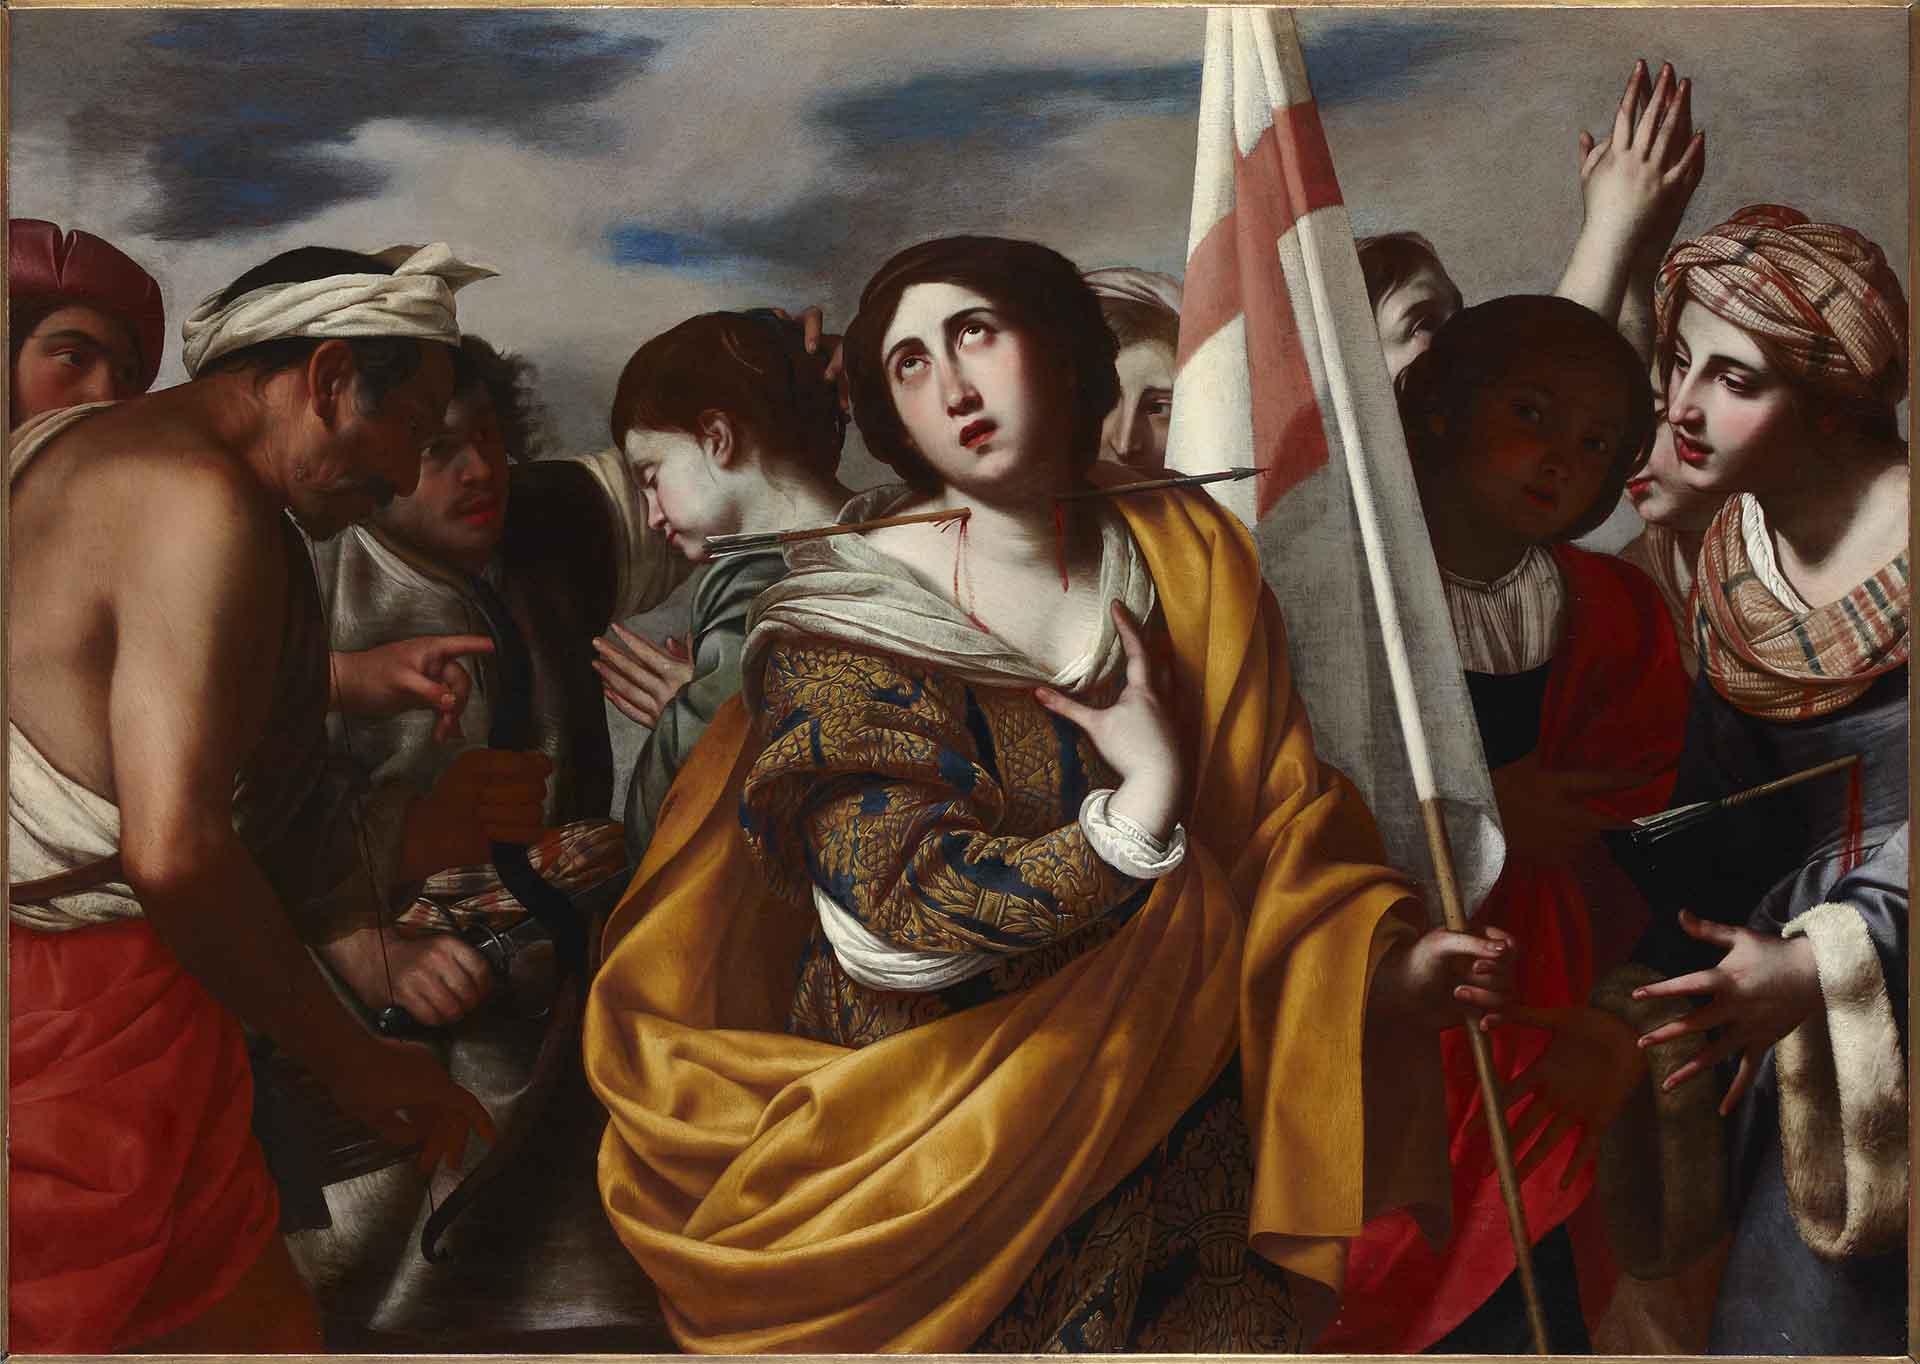 Catalogo Martirio de santa Ursula y las Once Mil Virgenes Filippo Vitale Galeria Caylus